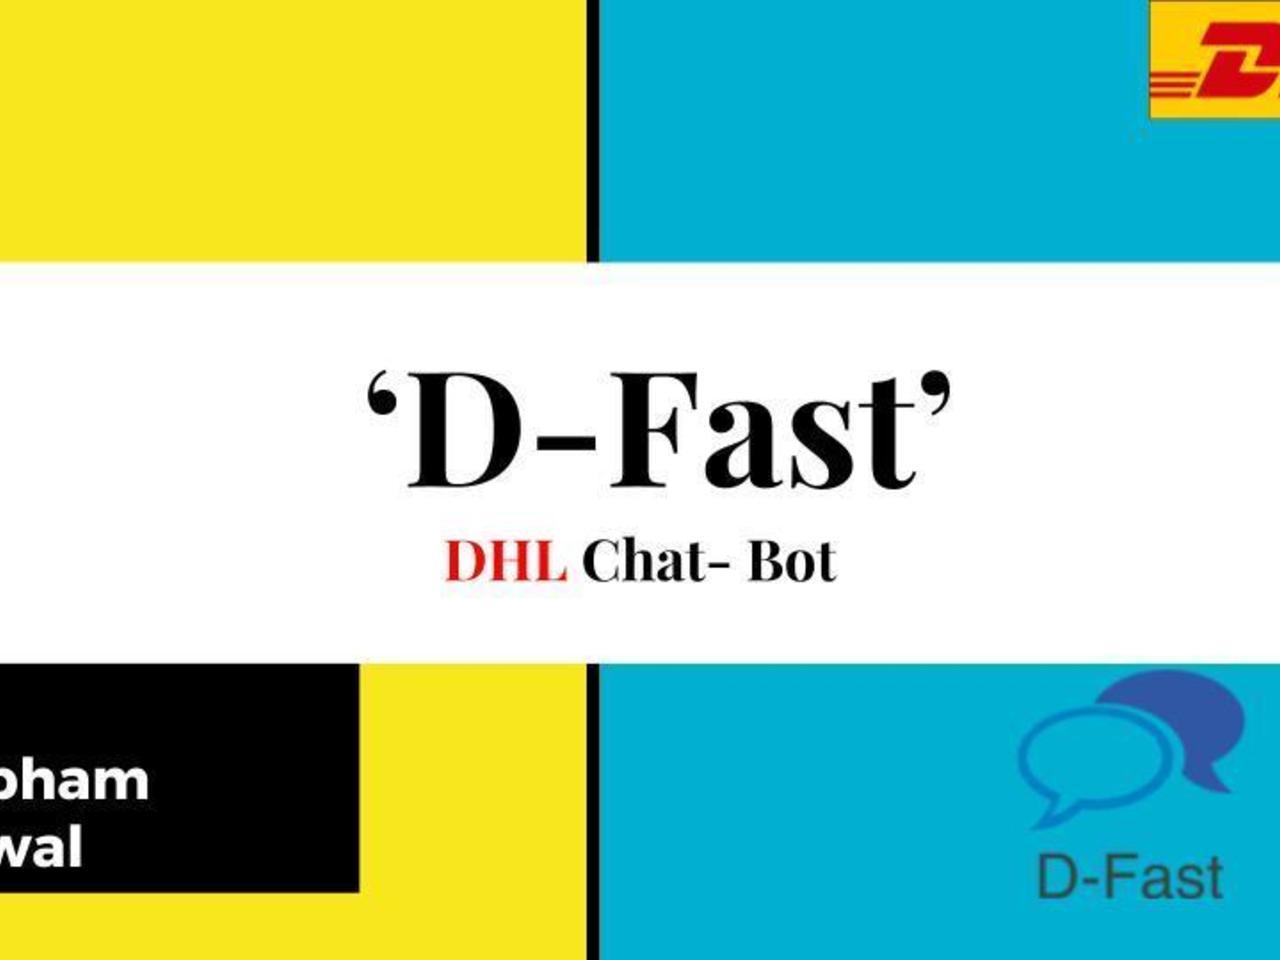 D-fast